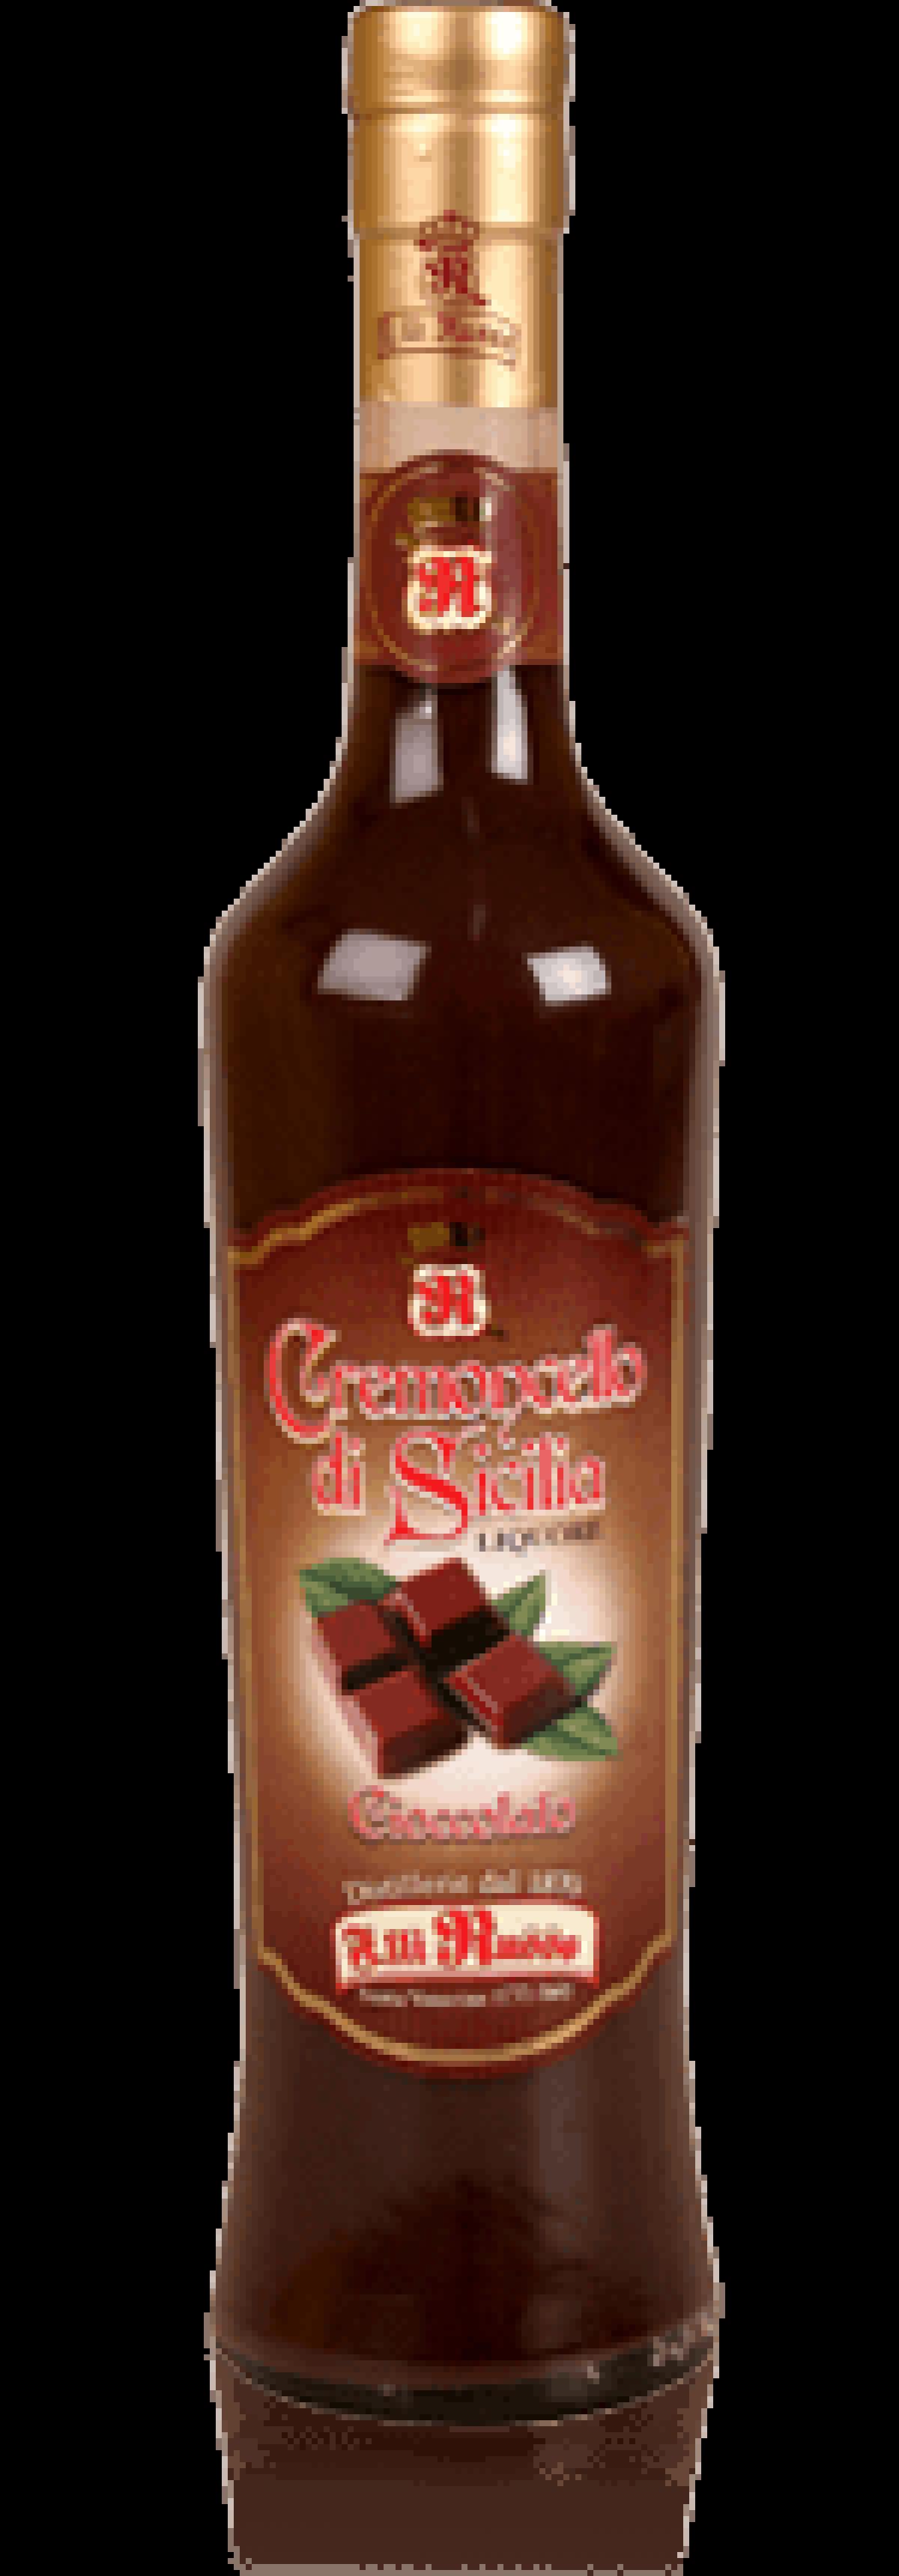 Cremoncello-Cioccolato